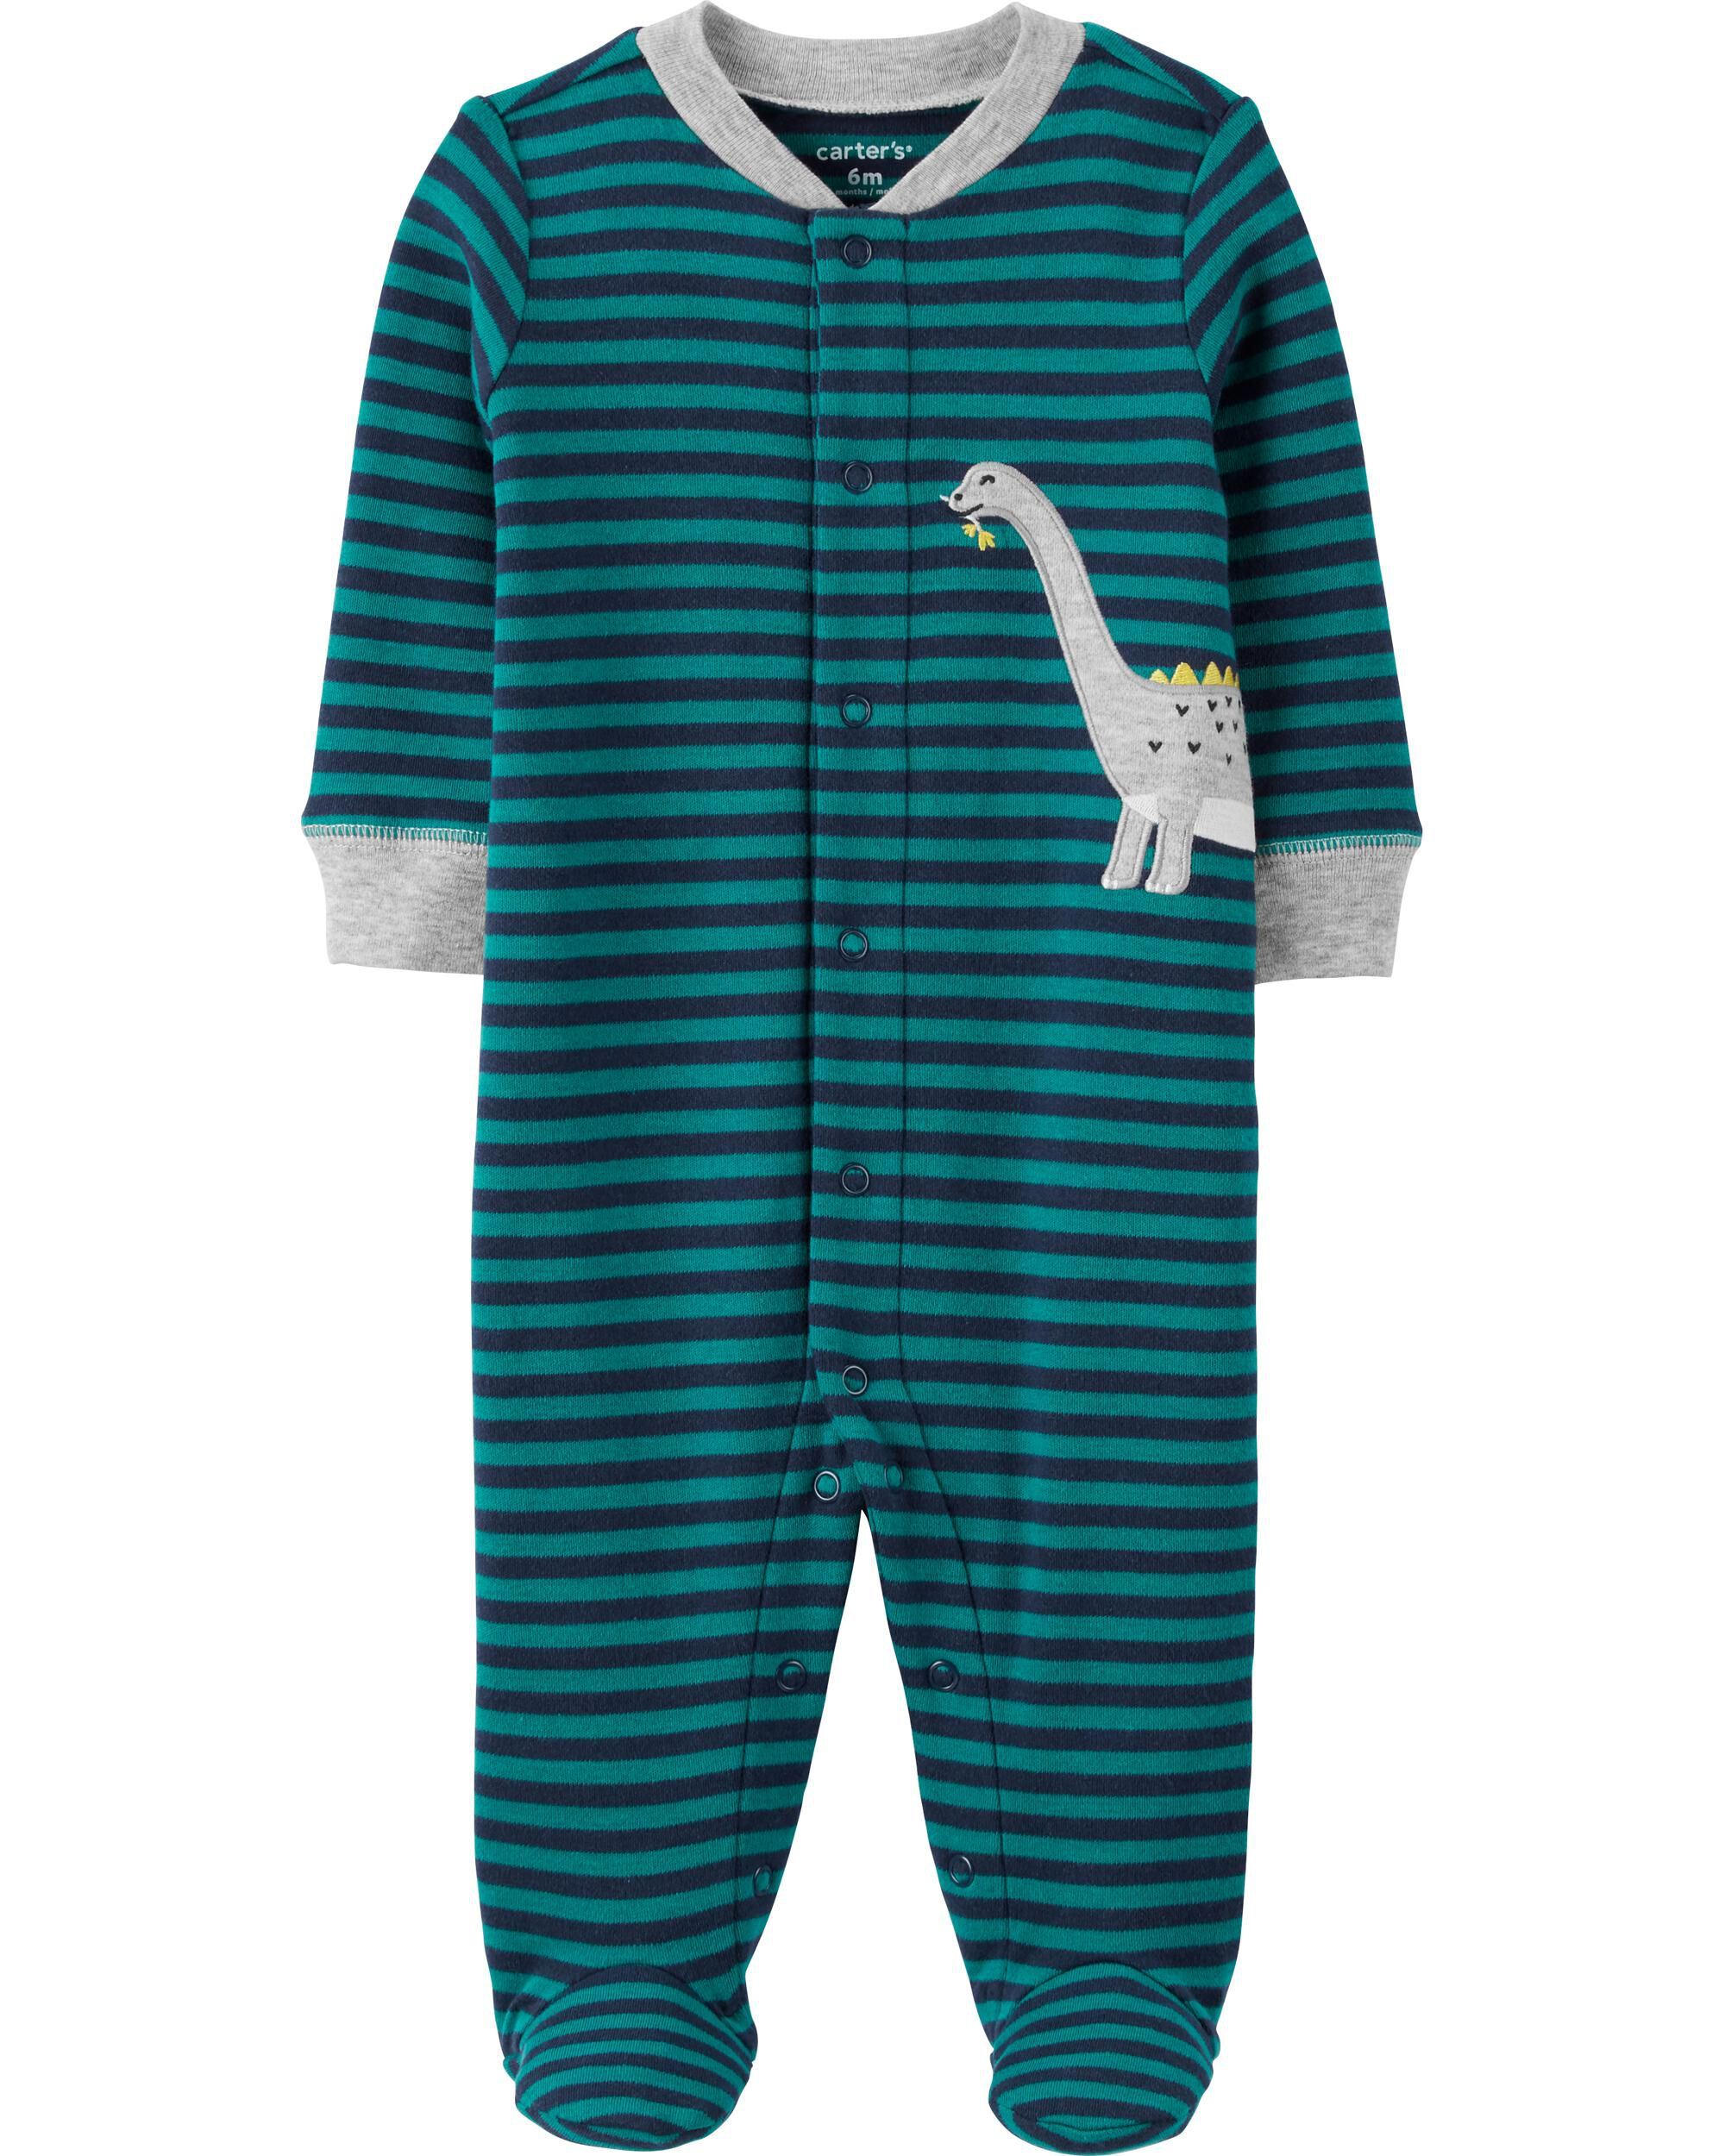 *CLEARANCE* Dinosaur Snap-Up Cotton Sleep & Play